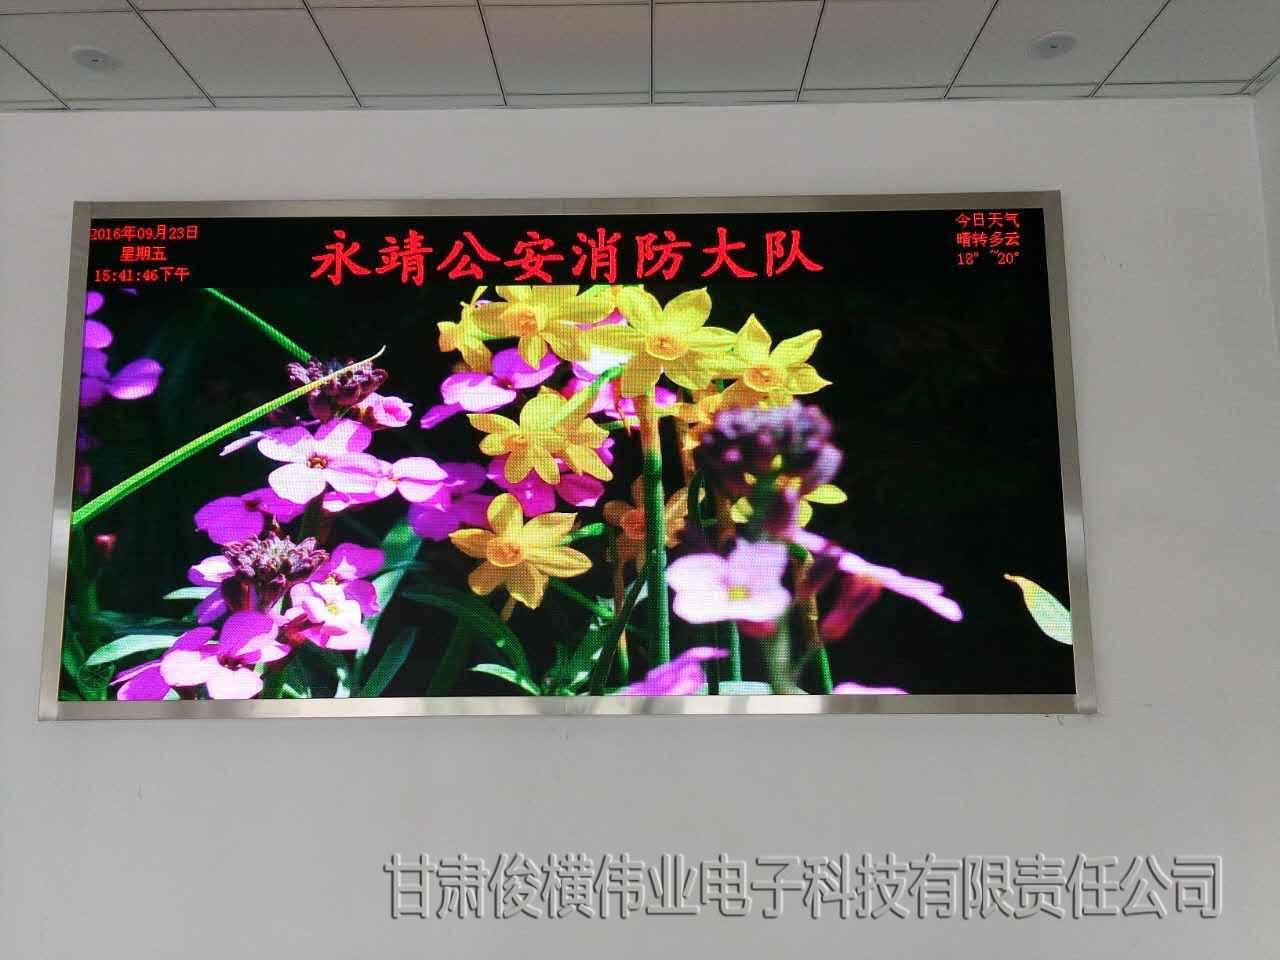 兰州全彩电子屏_性能效果好的led显示屏出售